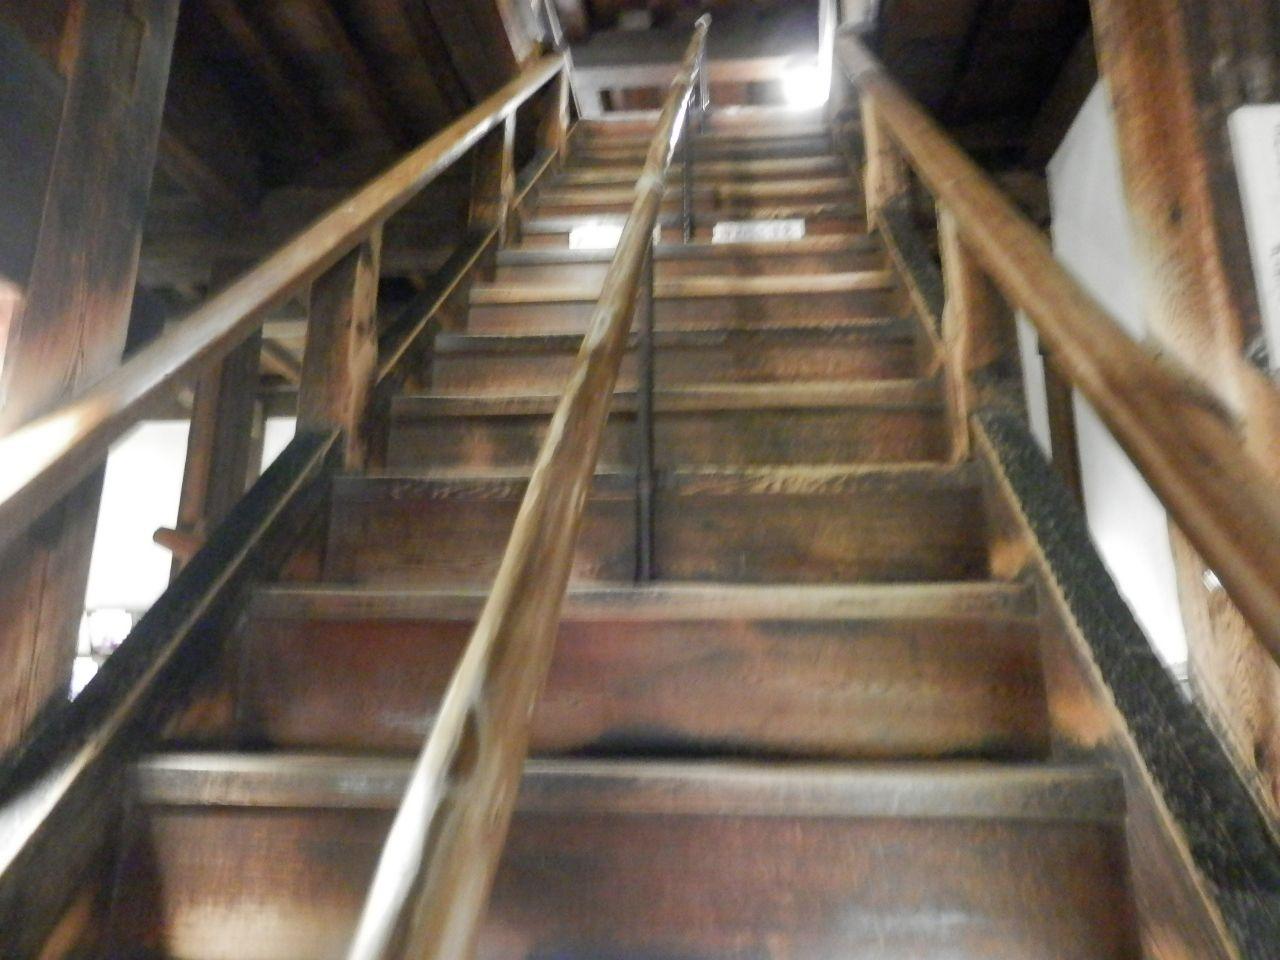 本物の城は階段も急勾配。観光用の城とはオーラがちがう。